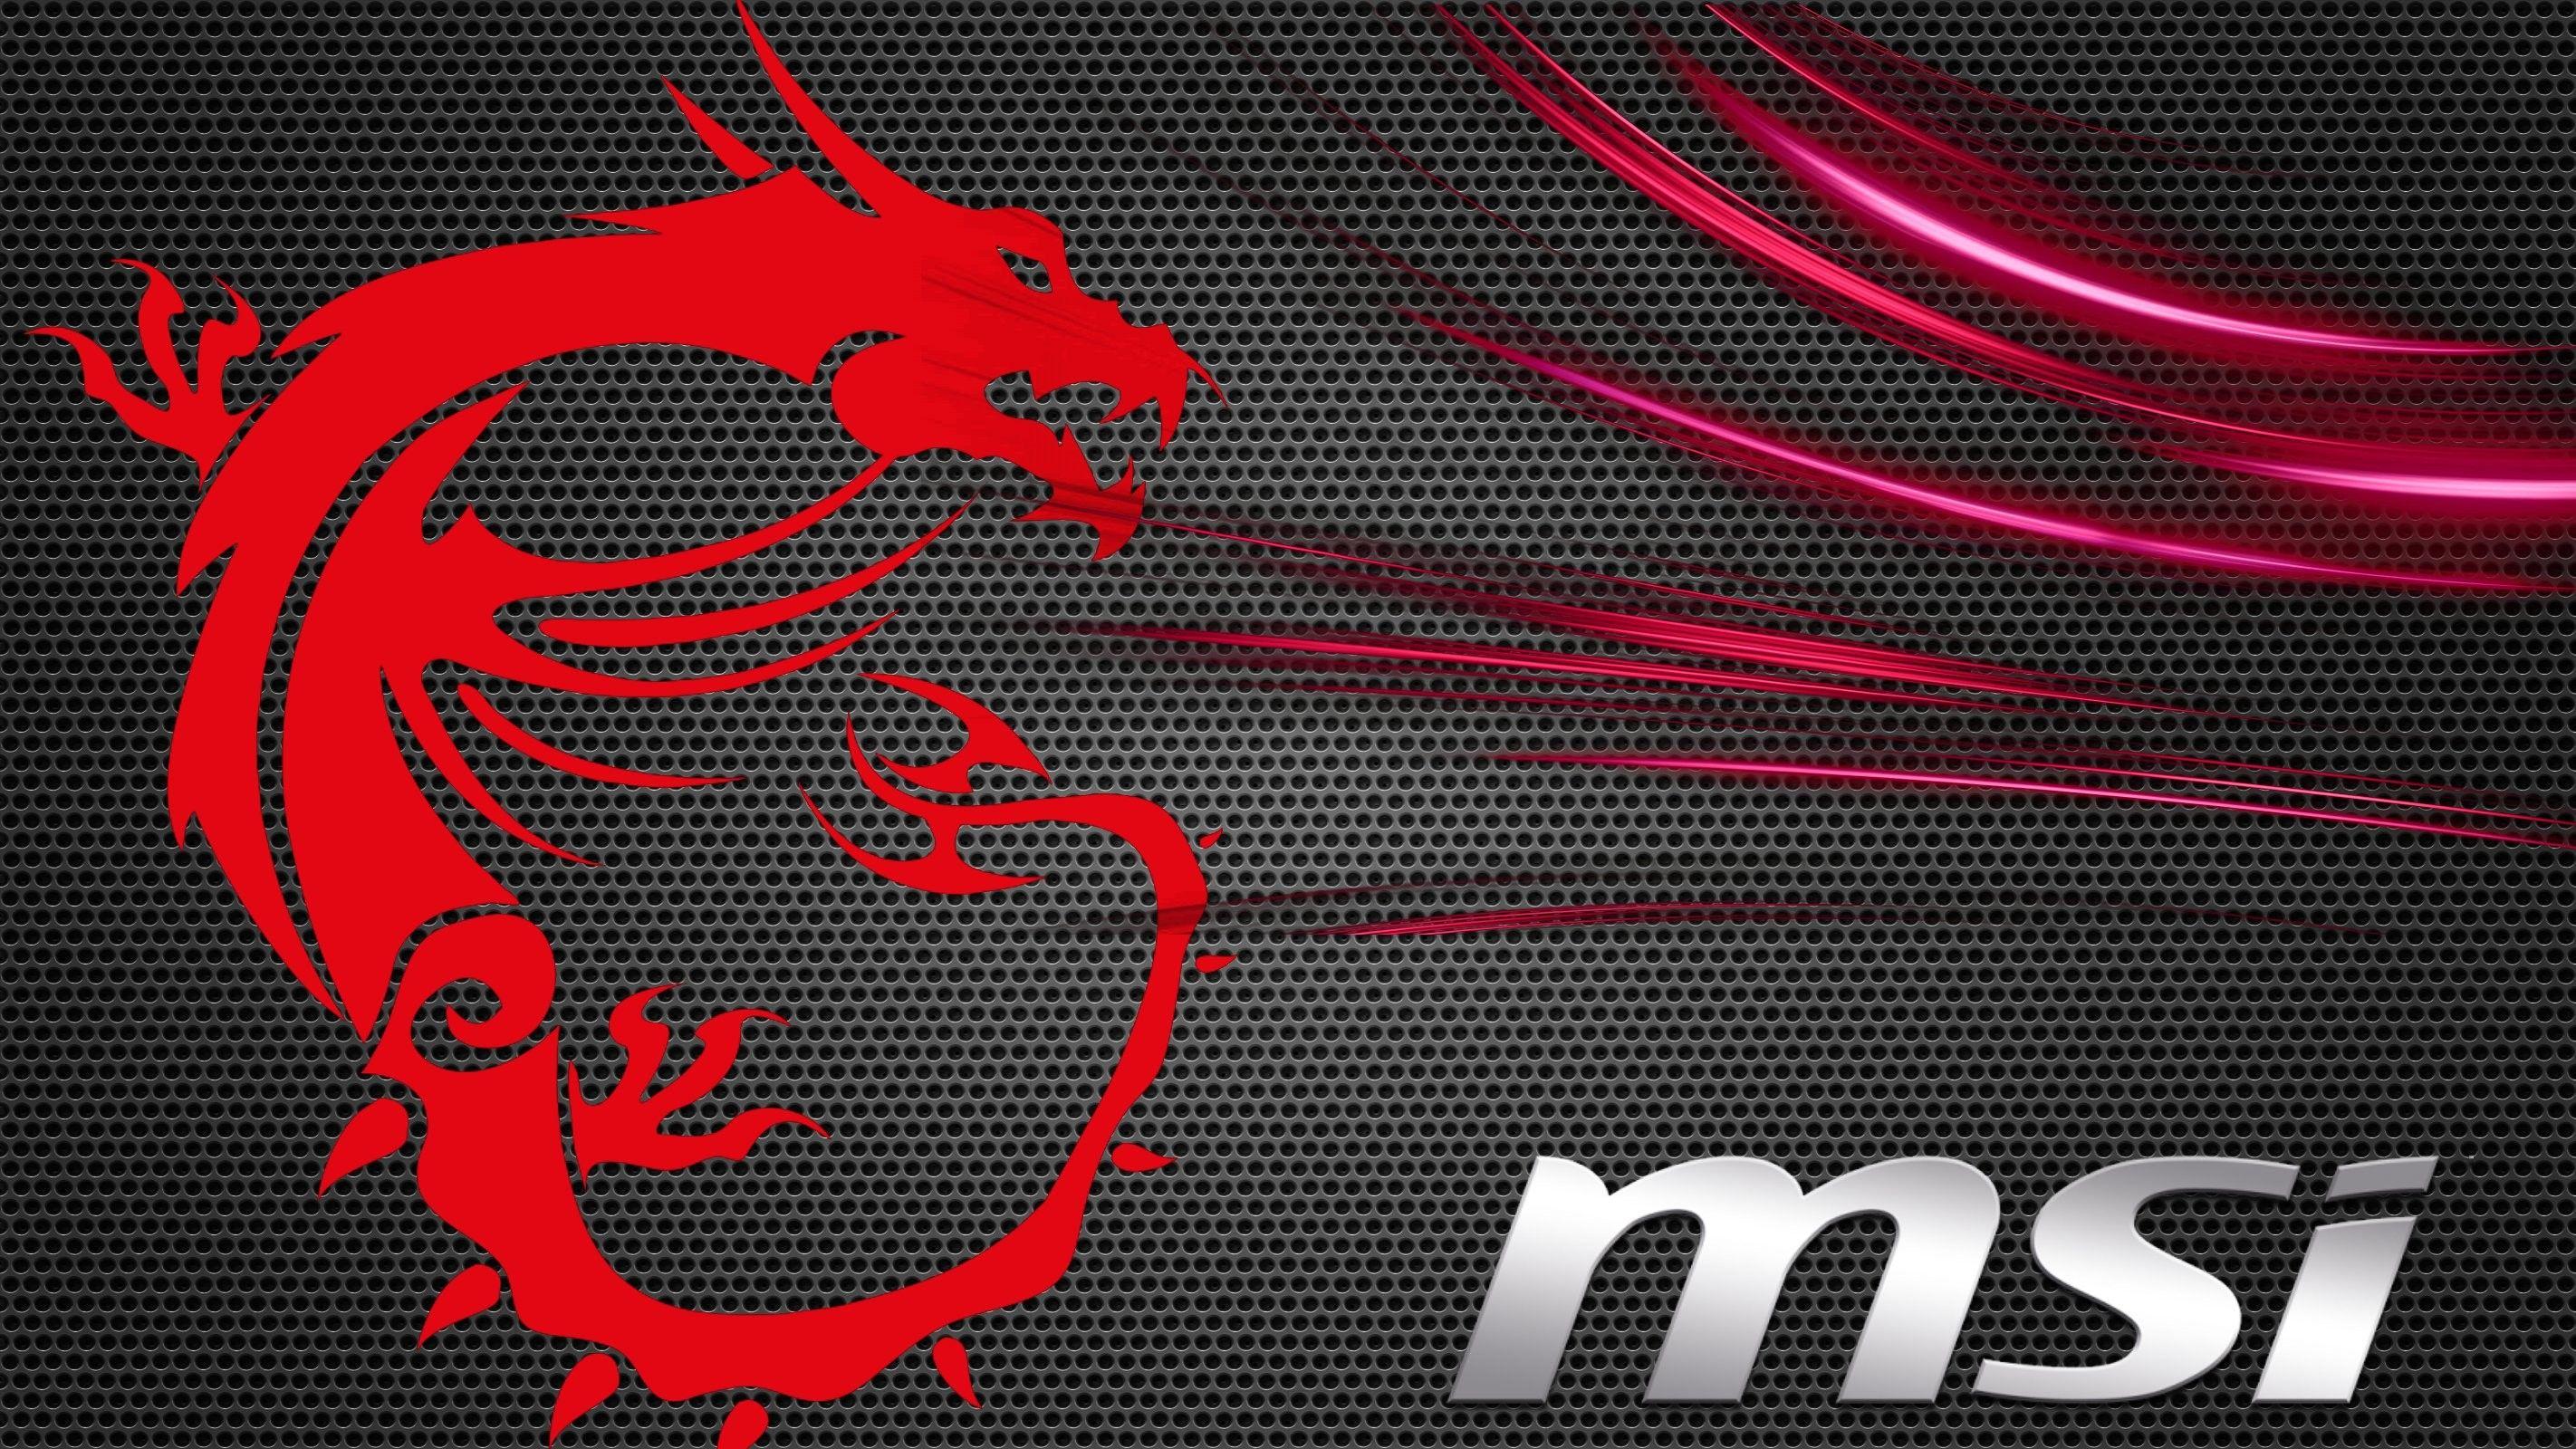 79 Msi Desktop Wallpapers On Wallpaperplay Wallpaper Free Download Desktop Wallpaper Wallpaper